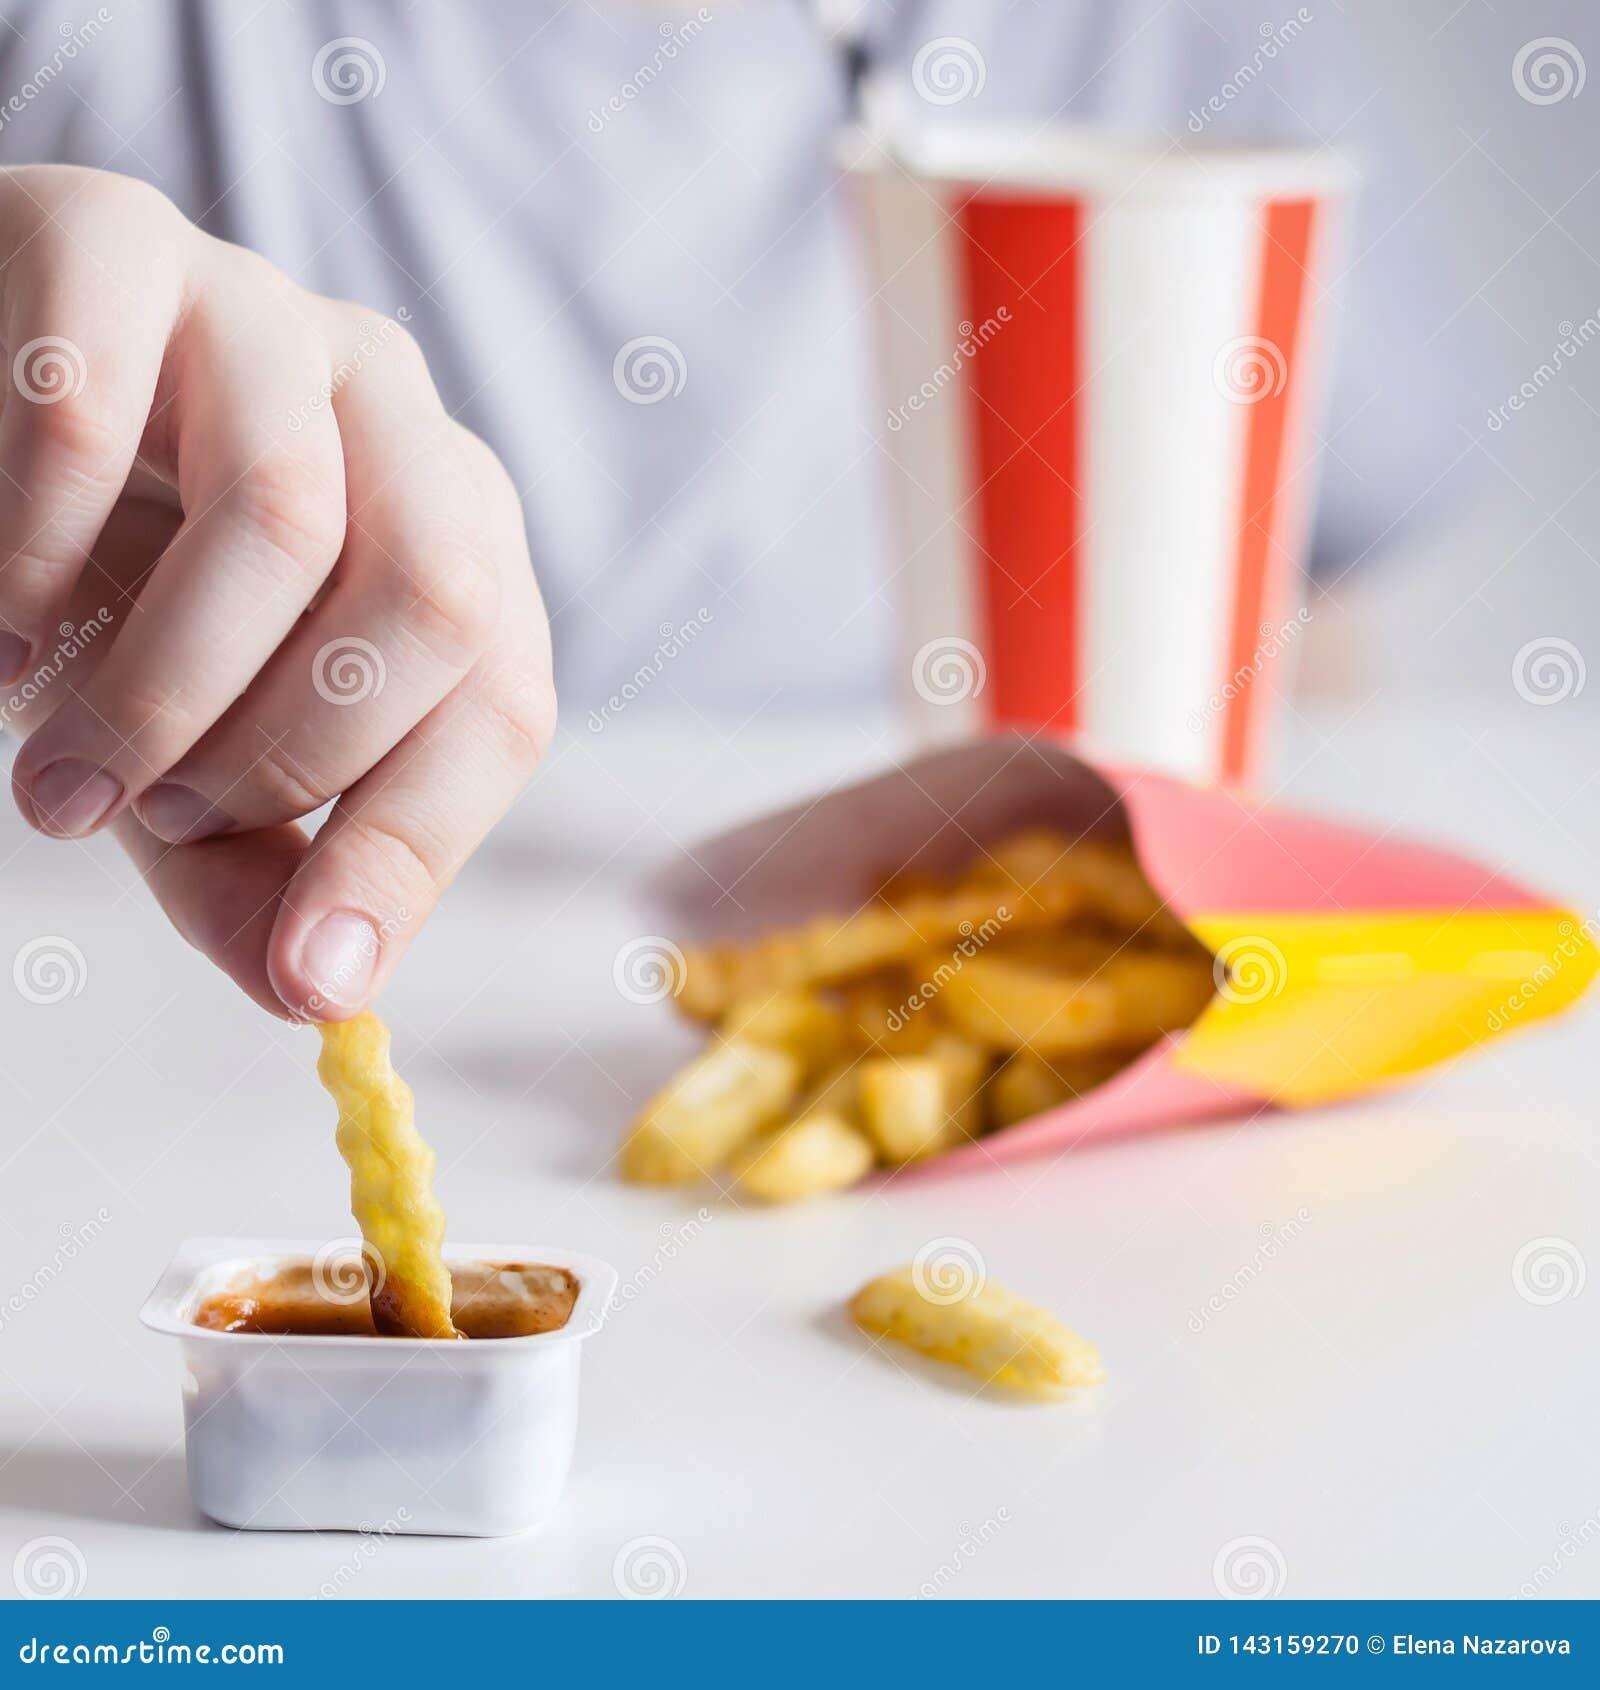 La main des enfants trempe des pommes frites en plan rapproché de sauce, foyer sélectif